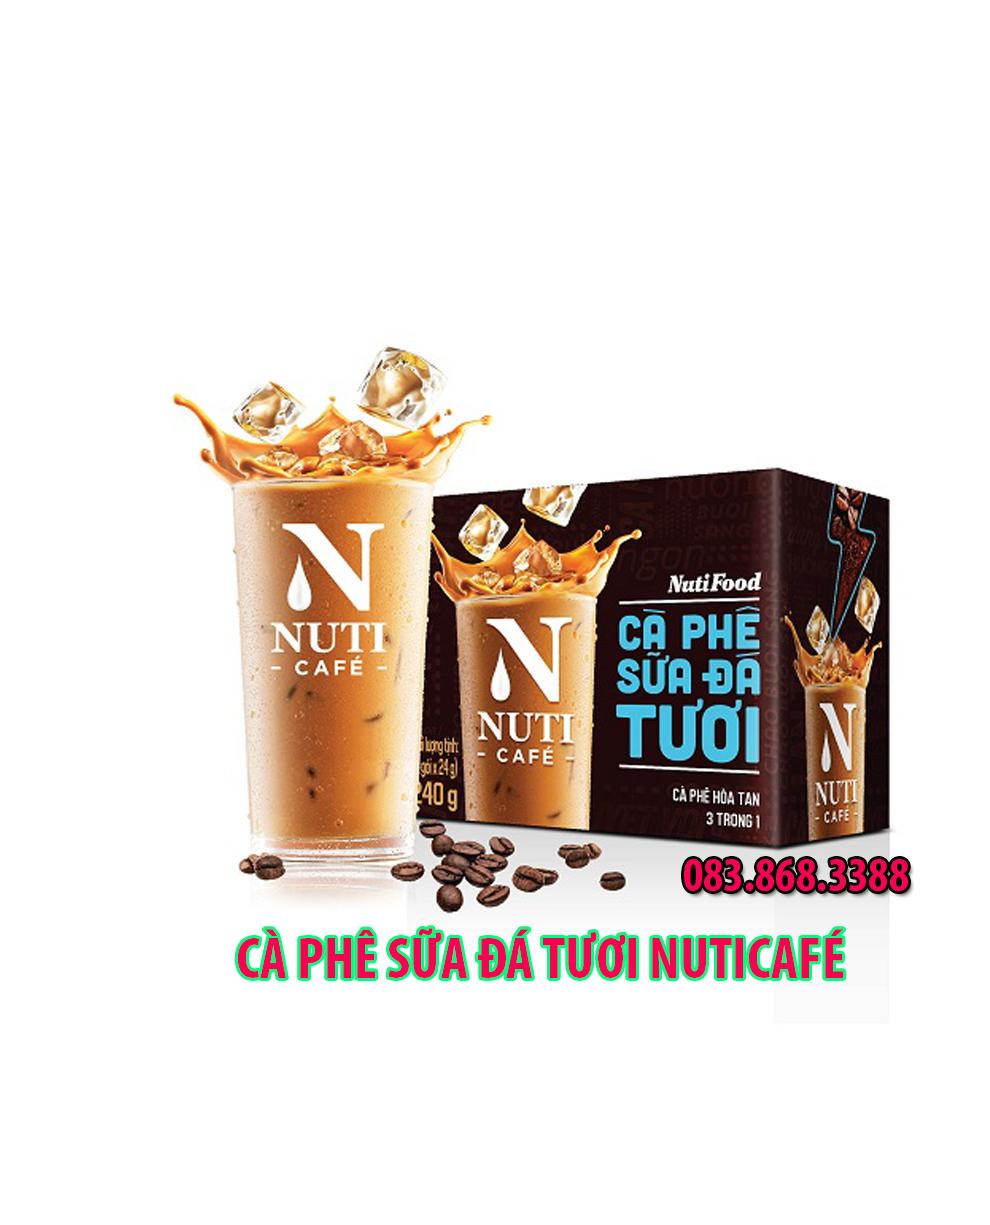 Cà phê 3 trong1 uống liền : Cà Phê Sữa Đá Tươi NUTICAFÉ , đóng gói 24 Gr / gói , hộp 10 gói